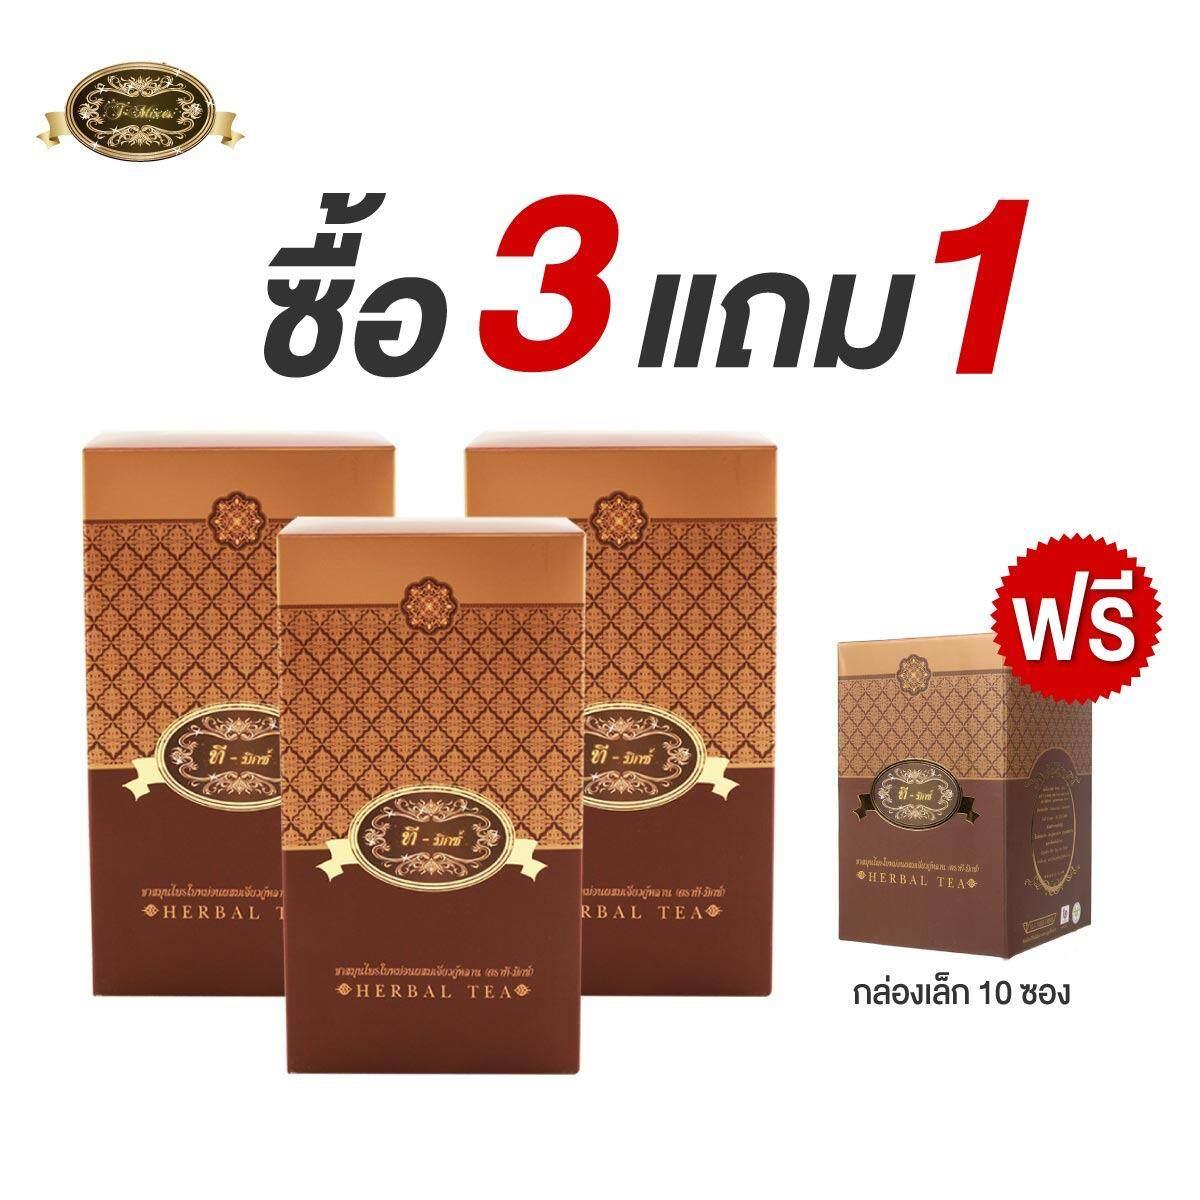 ขาย T Mixes Herbal Tea ชาสมุนไพร ทีมิกซ์ ควบคุมระดับน้ำตาล 2 กล่อง แถมฟรี 1 กล่อง กล่องเล็ก 10 ซอง Tmixes ถูก